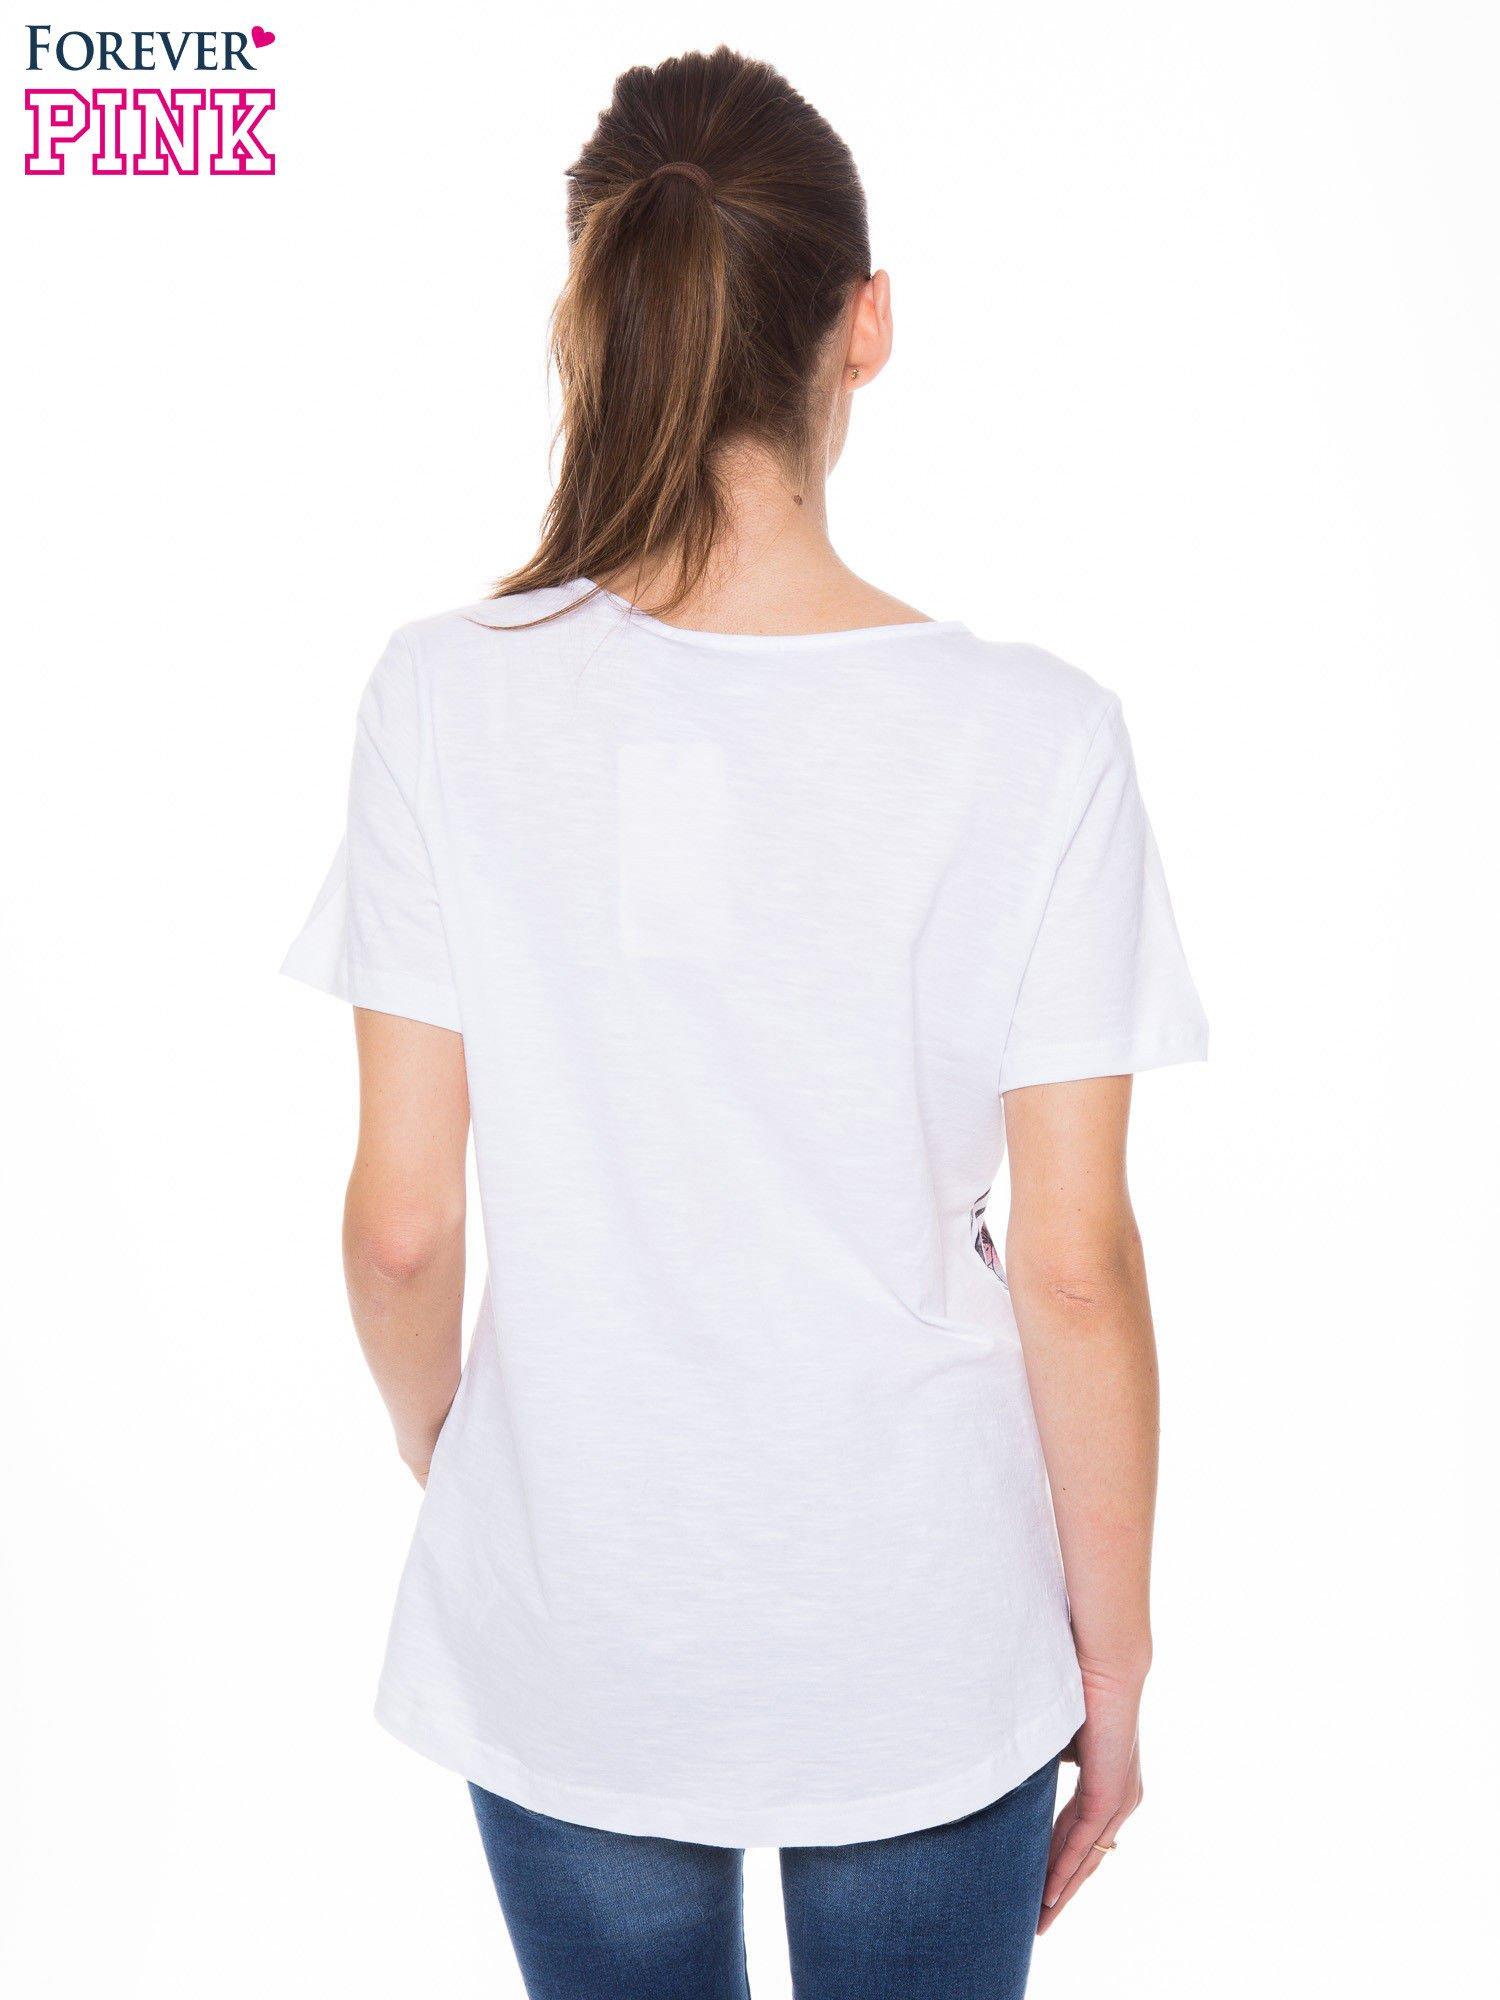 Biały t-shirt z czarnym nadrukiem roślinnym                                  zdj.                                  3